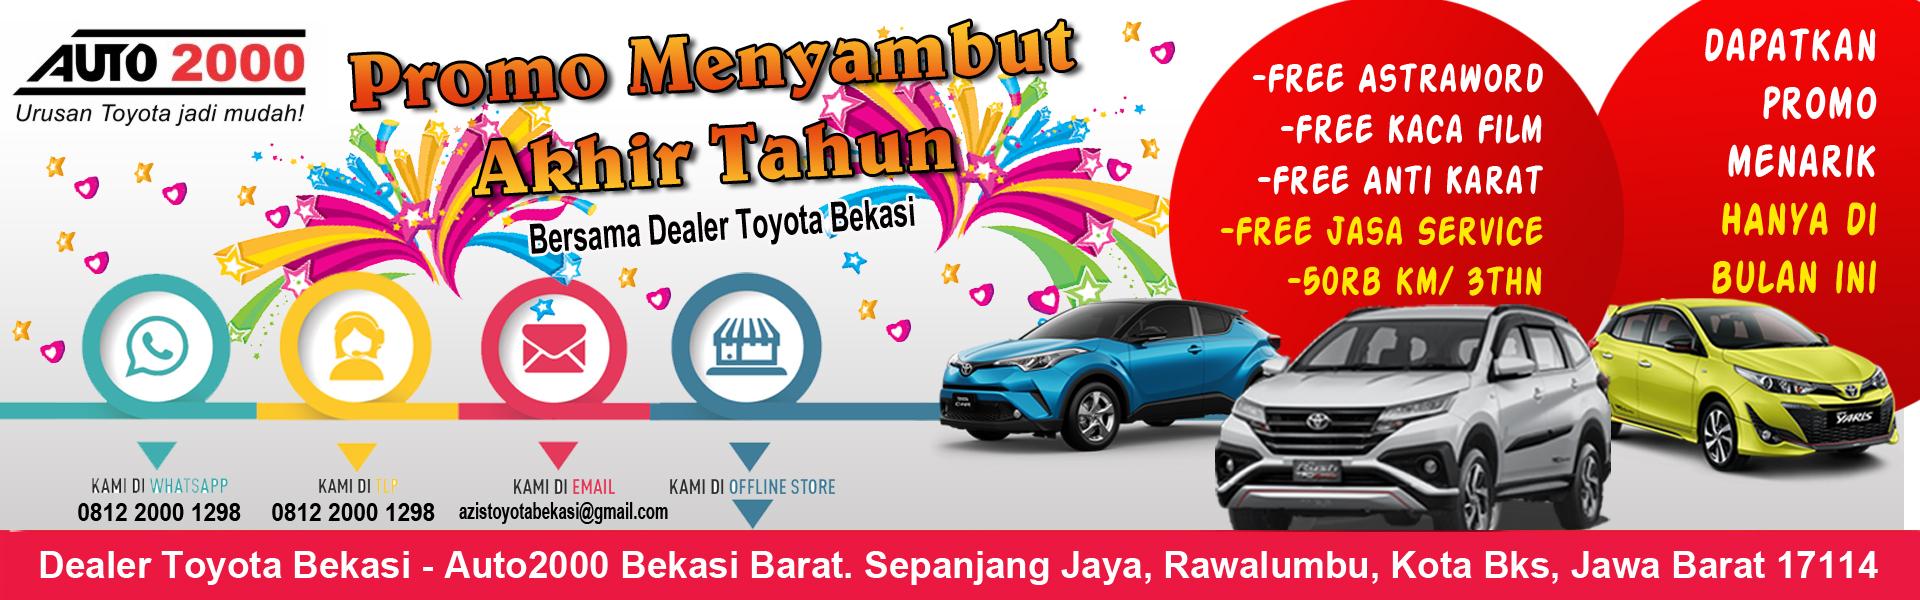 Dealer Toyota Bekasi Promo Pembelian Kredit Mobil Toyota Jadetabek